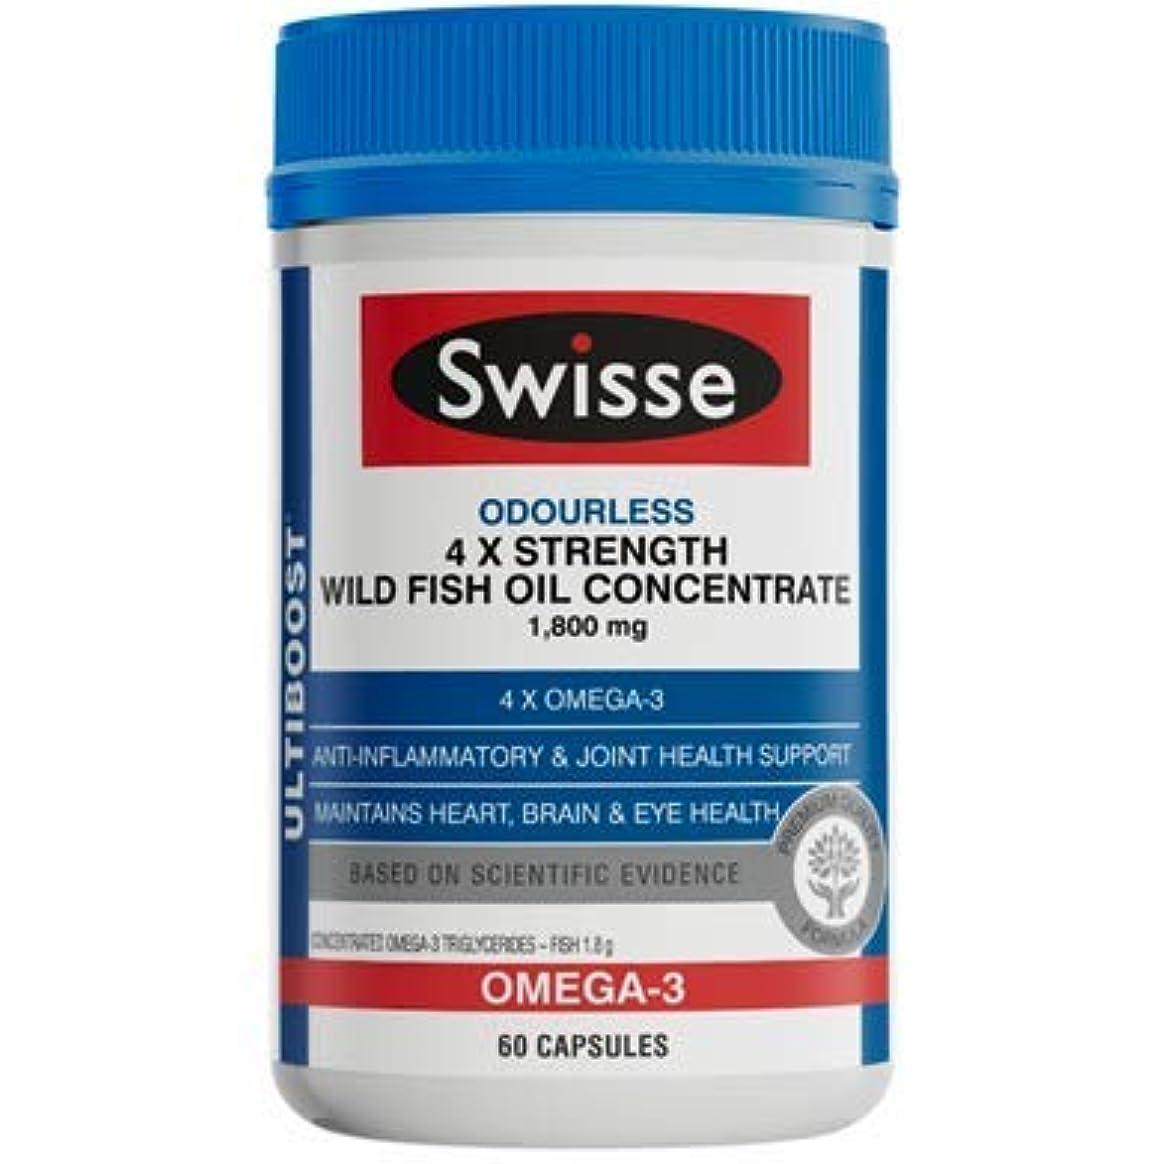 セブンネイティブご注意Swisse 無臭ワイルド フィッシュオイル コンセントレート60カプセル [海外直送品] [並行輸入品]